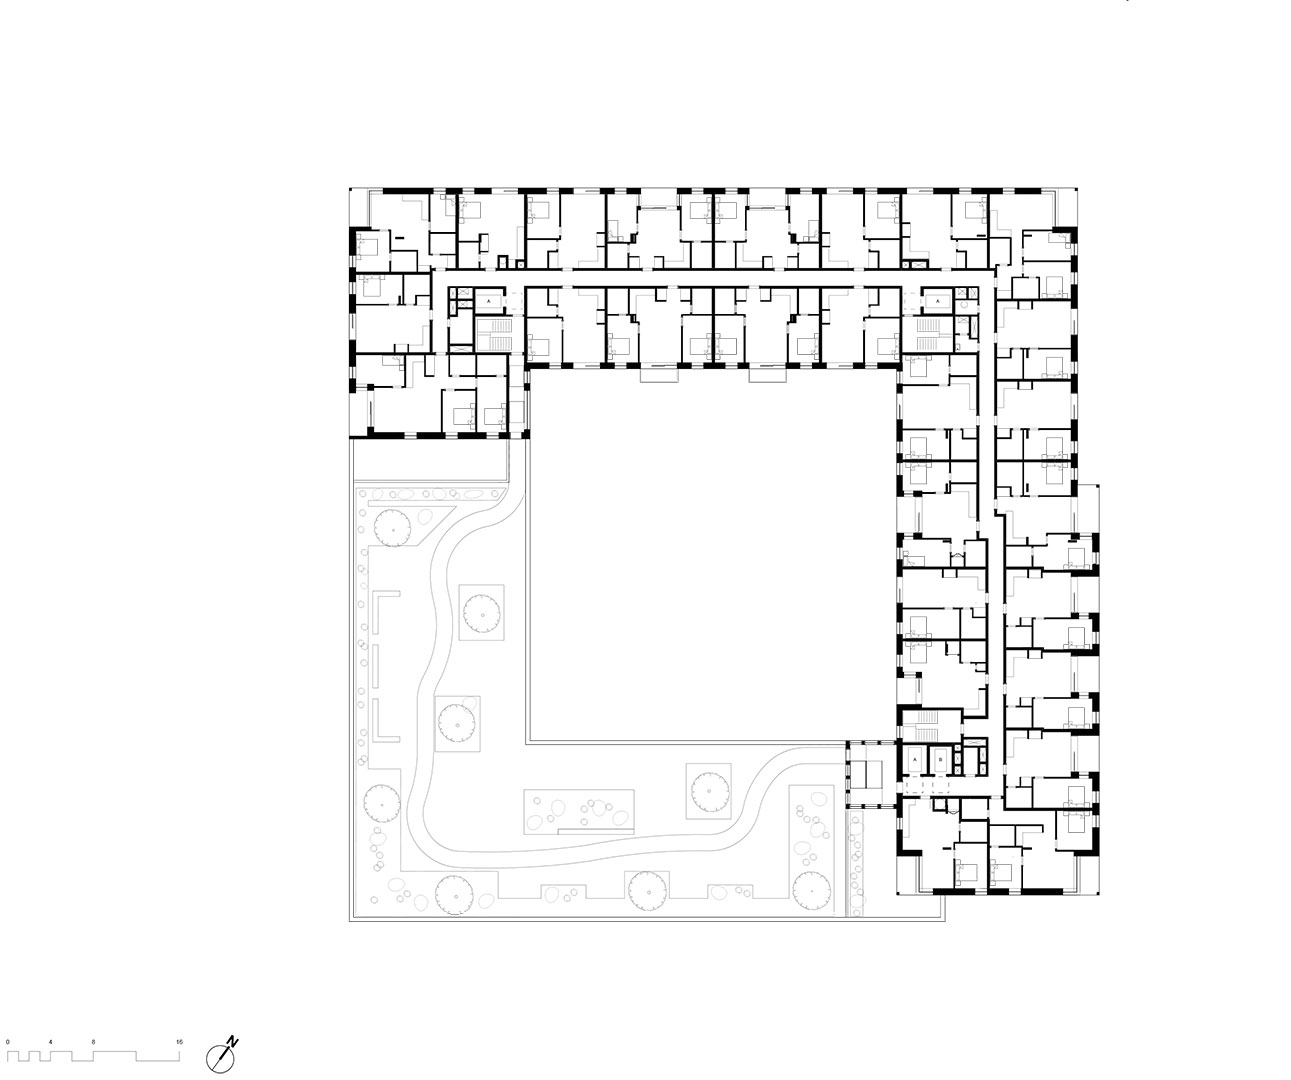 1809-Fifth floor plan-02